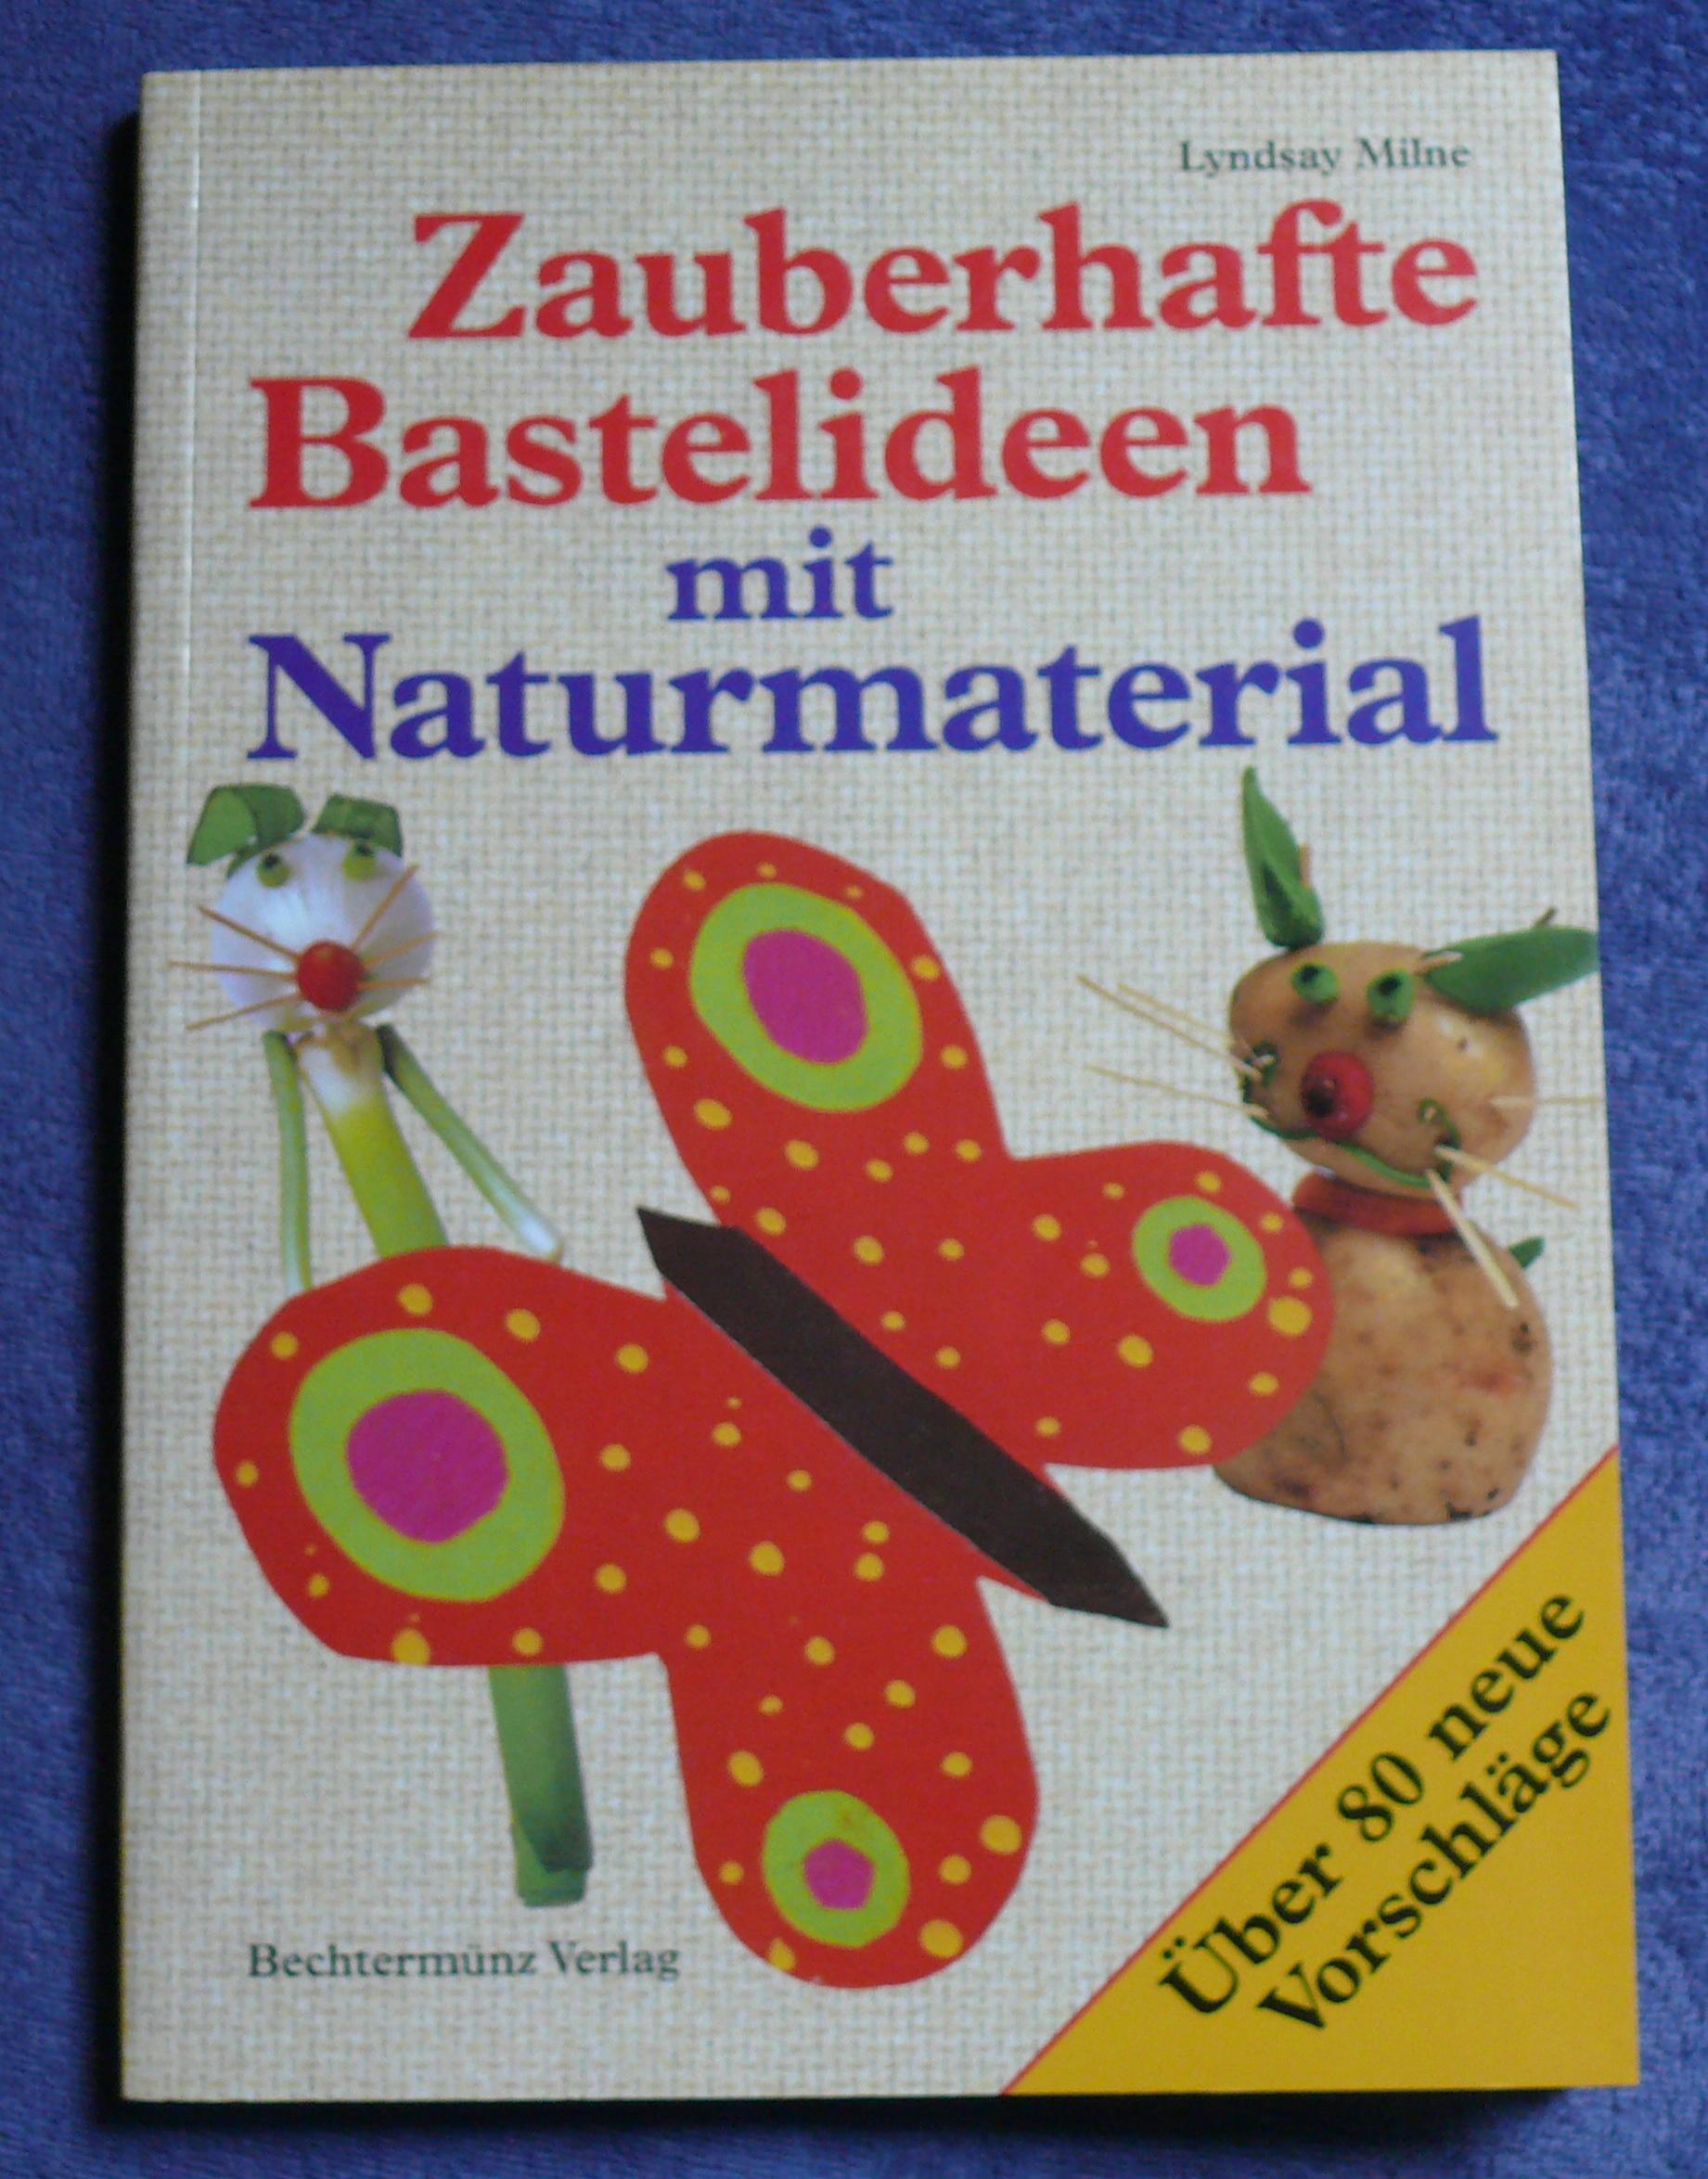 Zauberhafte Bastelideen Mit Naturmaterial L Milne 1999 Bechtermunz